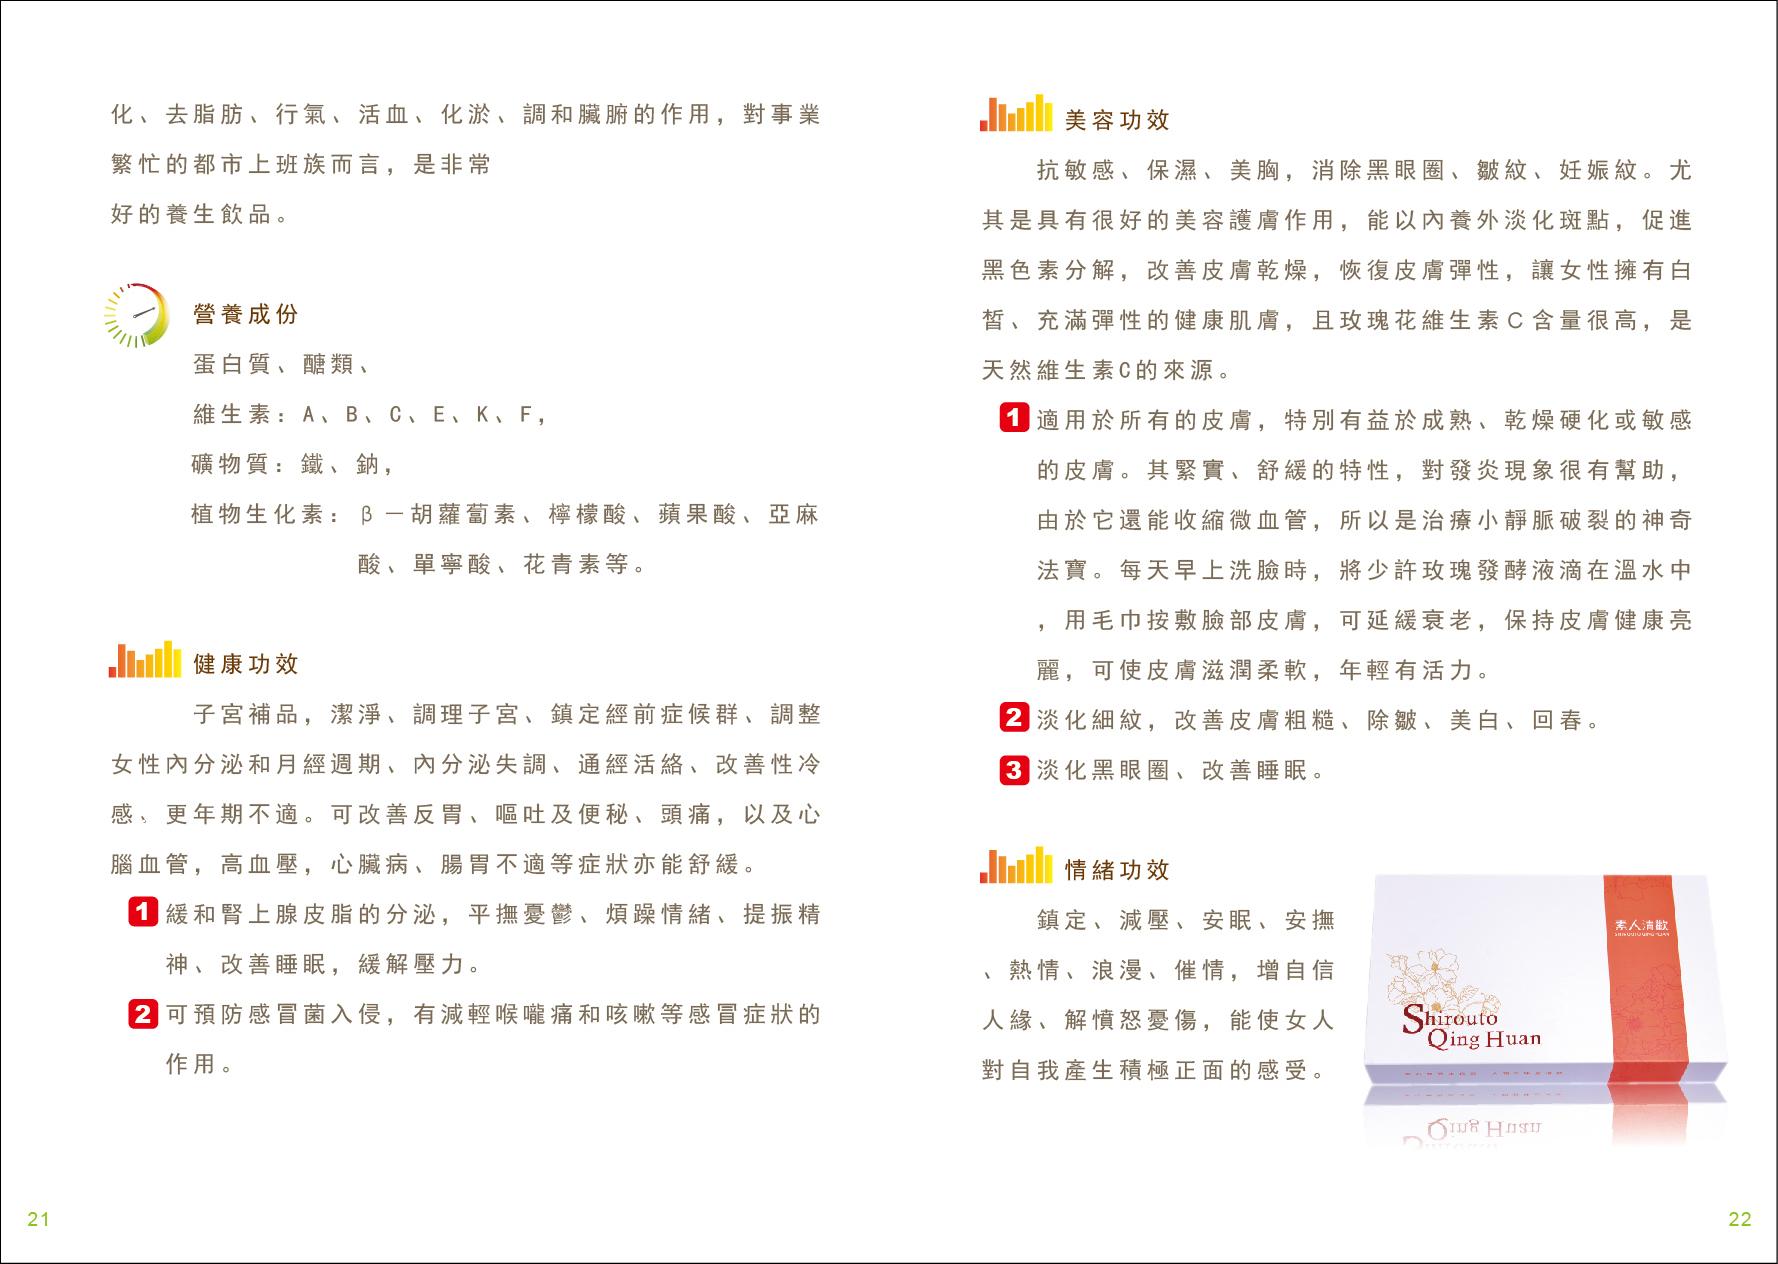 素人清歡_加盟手冊_2122玫瑰B_v160223a